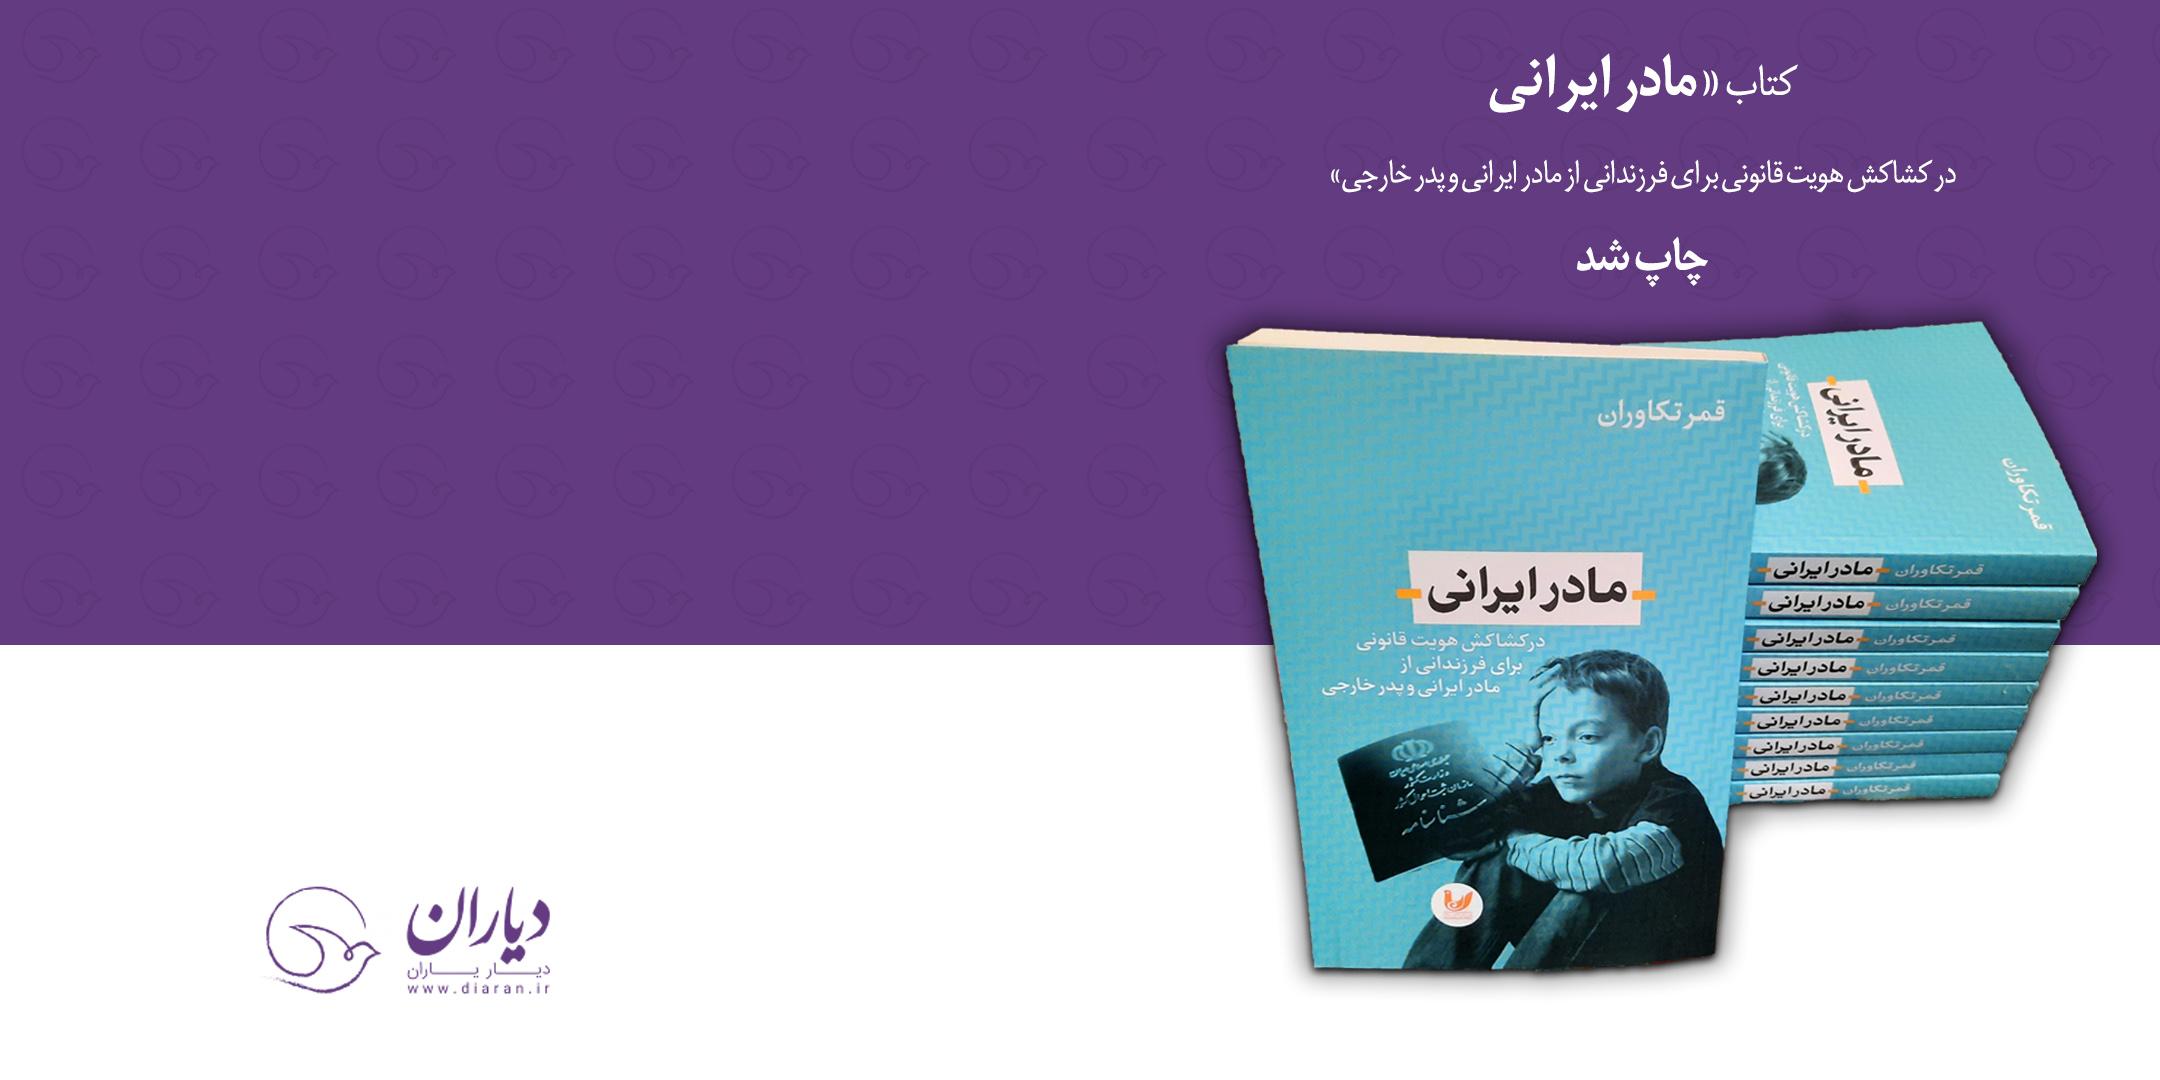 """کتاب """"مادر ایرانی"""" چاپ شد."""